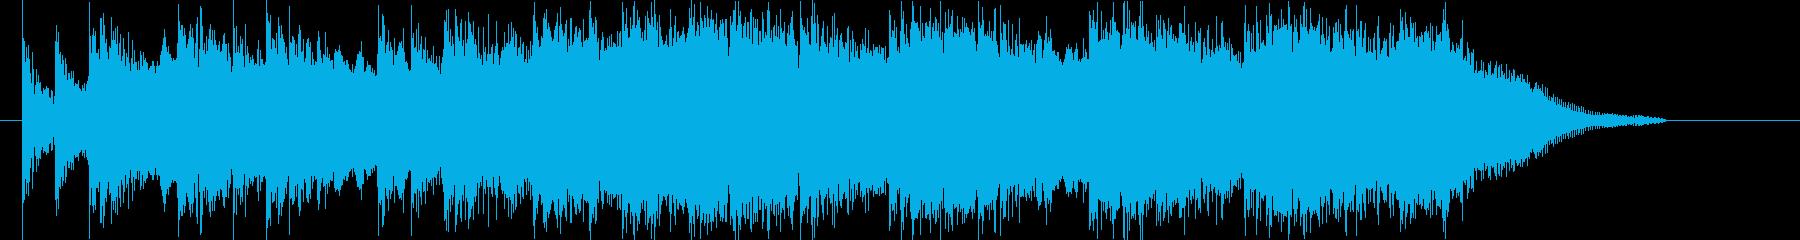 シネマティックトレーラー/シリアス/予告の再生済みの波形